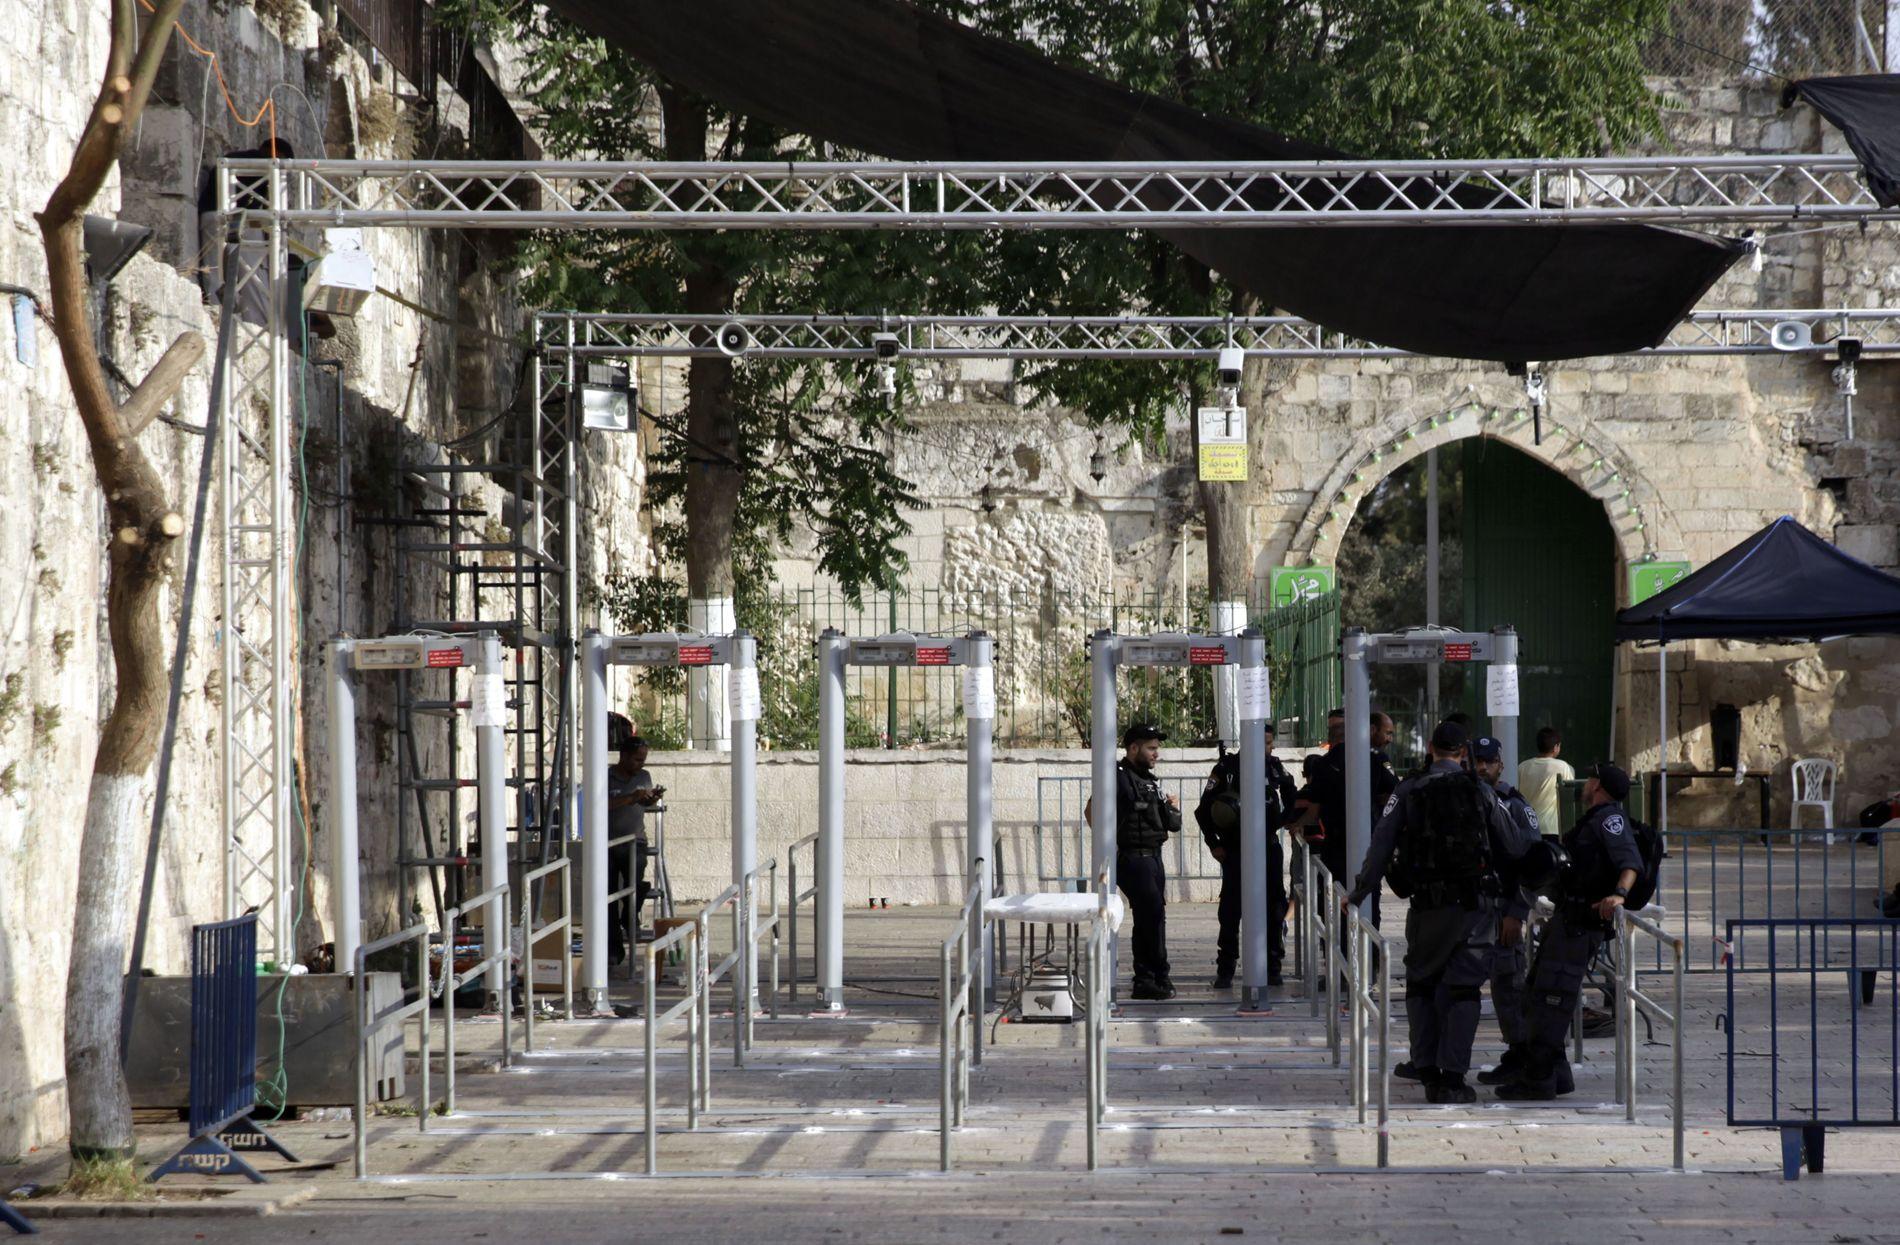 OMSTRIDT: Metalldetektorer ble forrige uke satt opp for å kontrollere adgangen til moskeen på Tempelhøyden i Jerusalem.